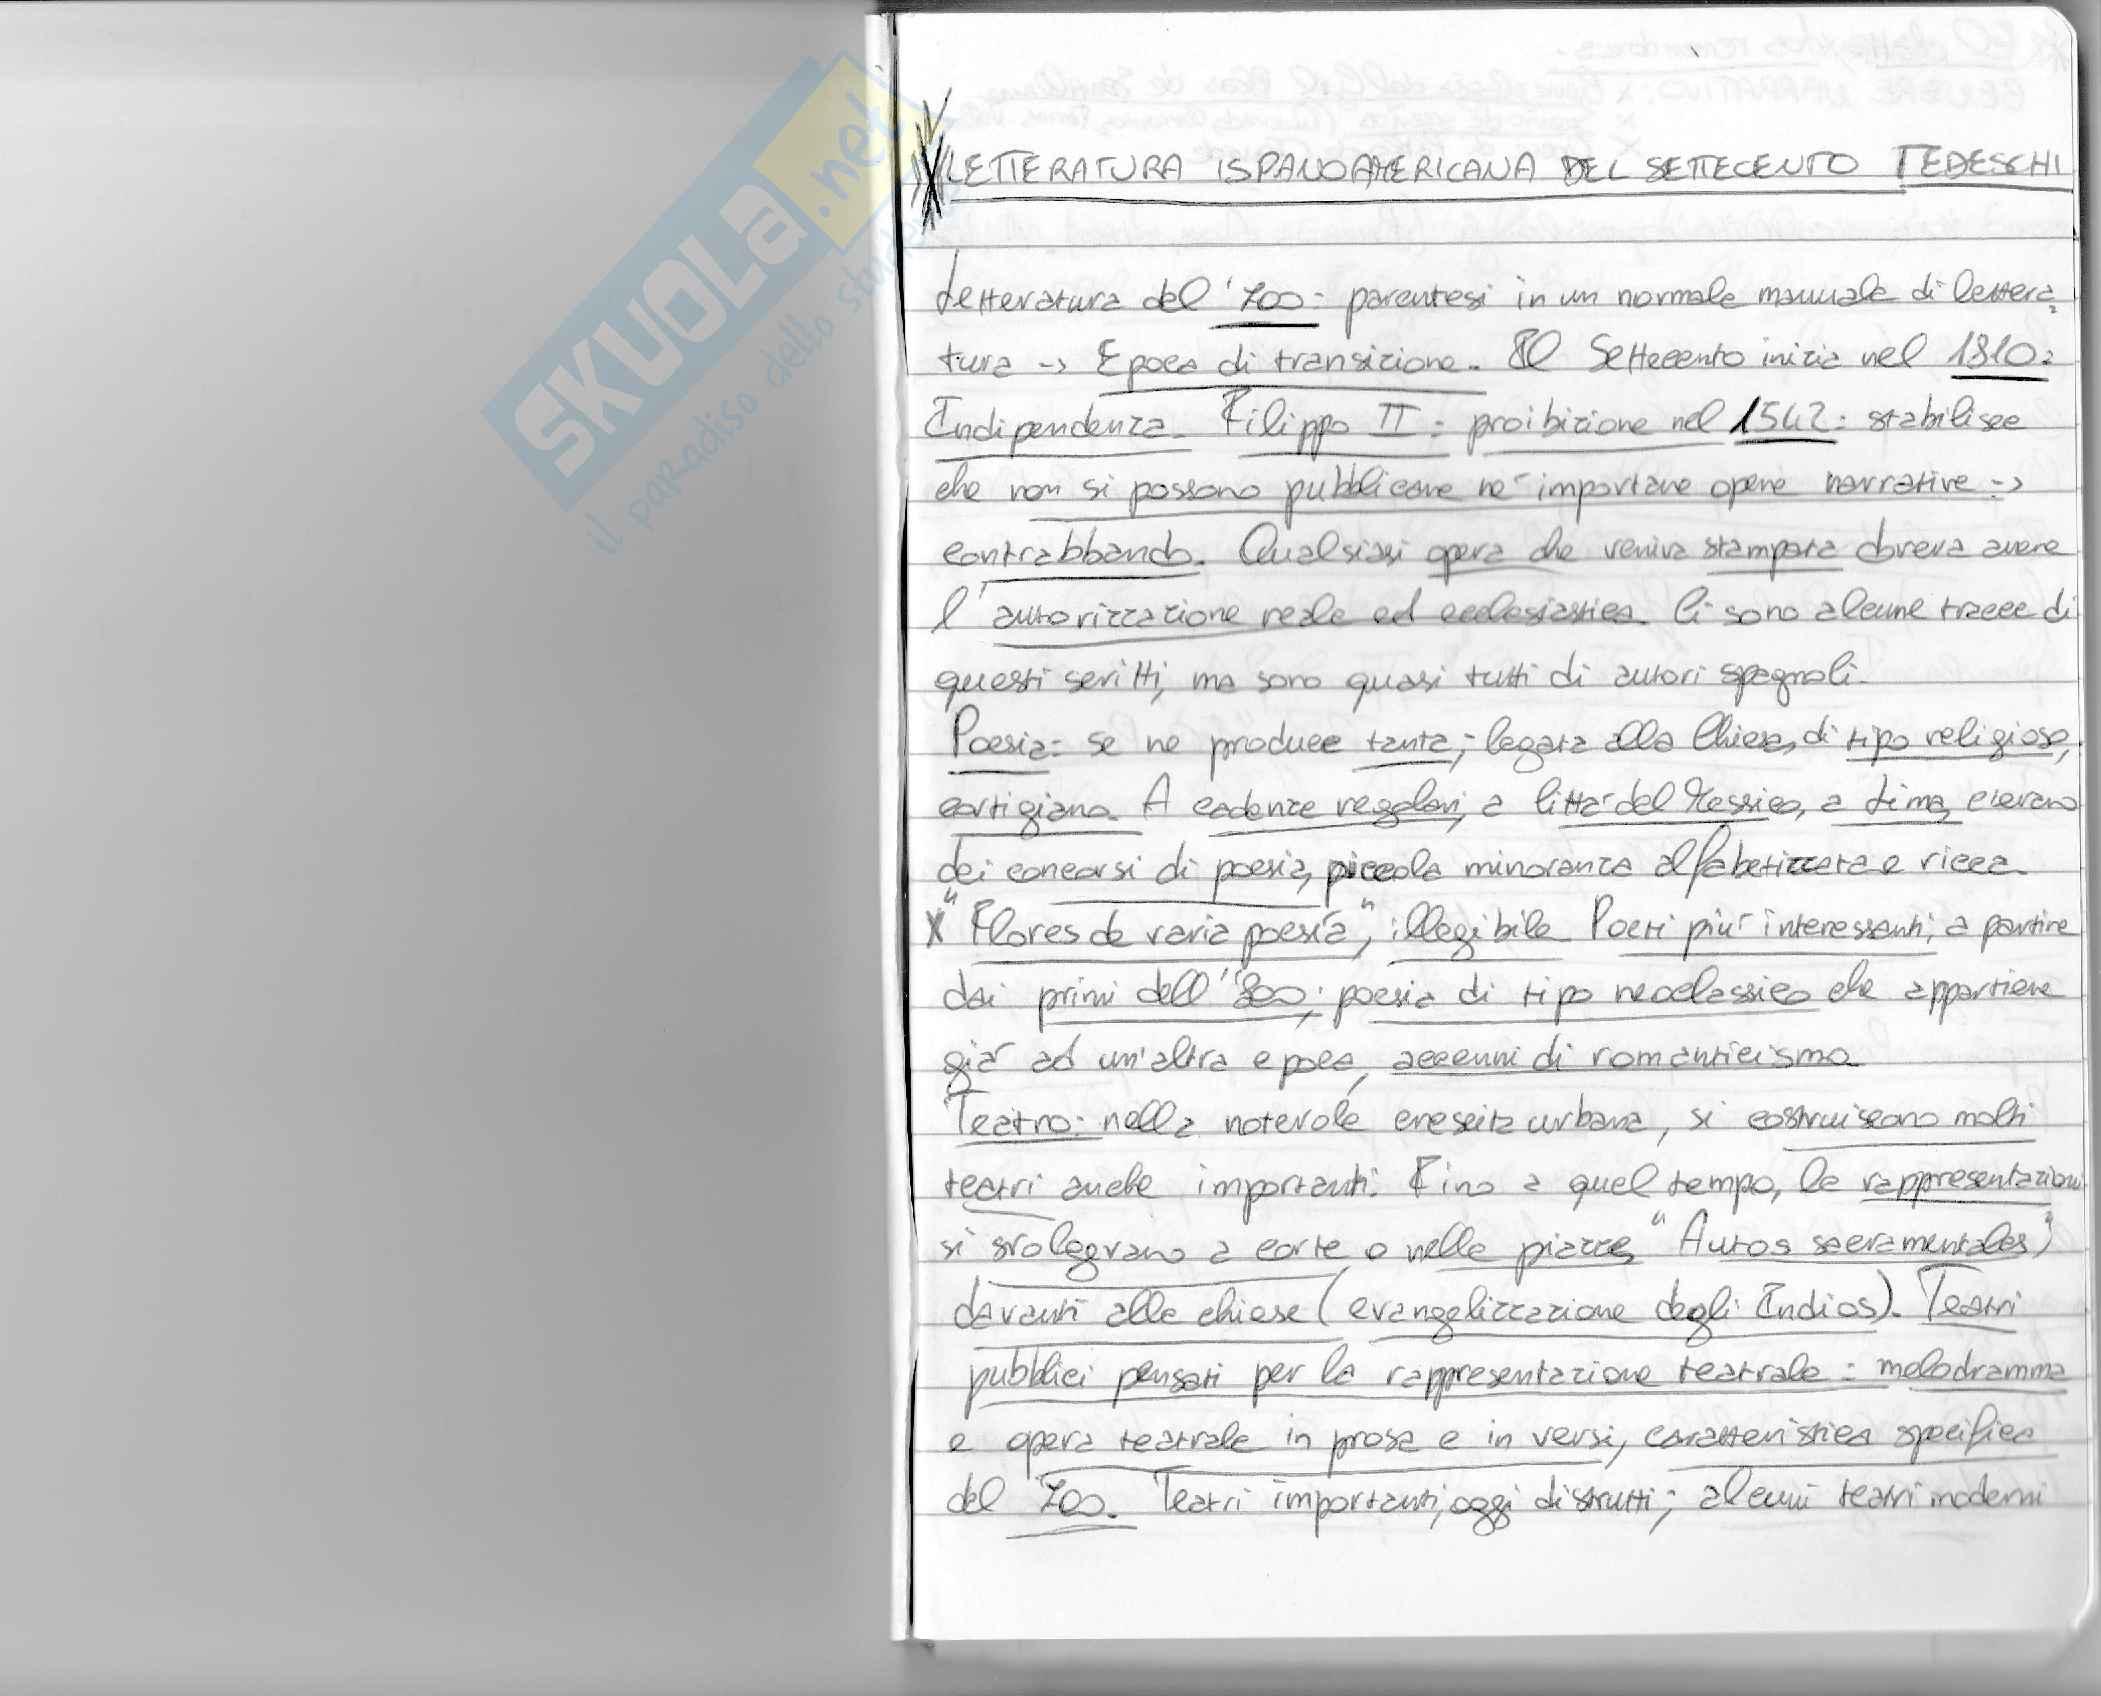 appunto S. Tedeschi Letteratura ispano-americana del '700